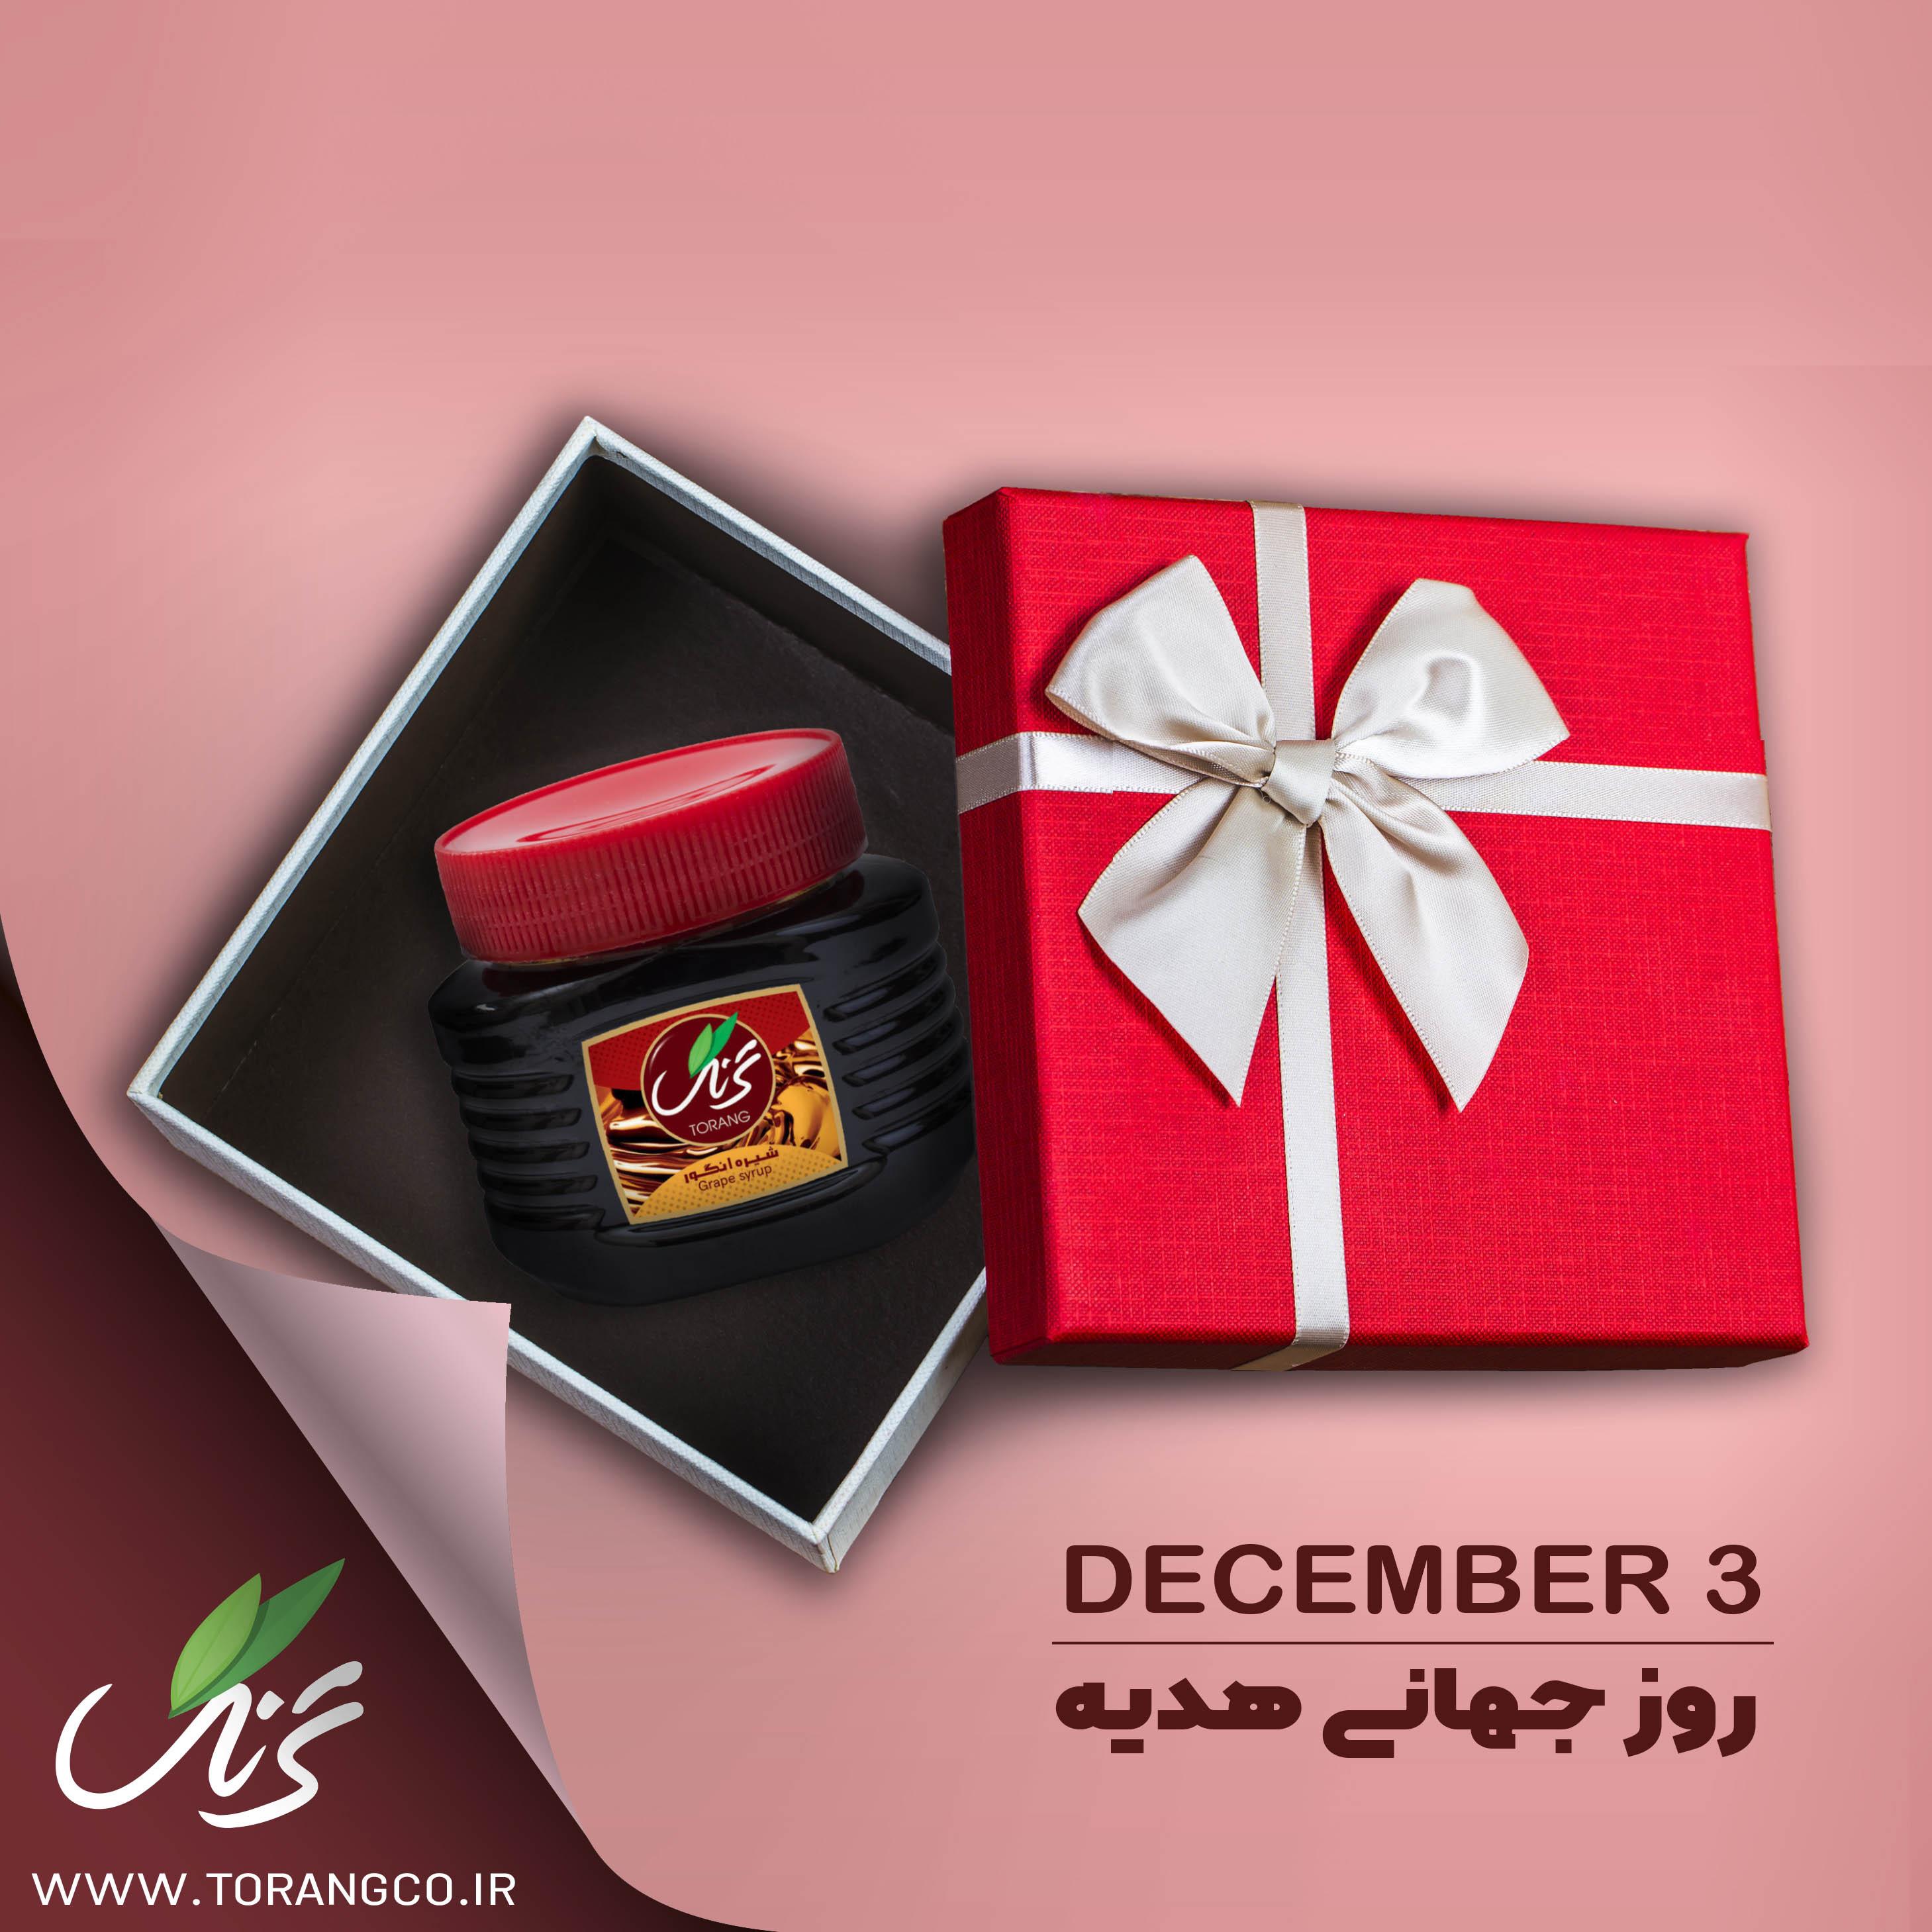 3 دسامبر روز جهانی هدیه